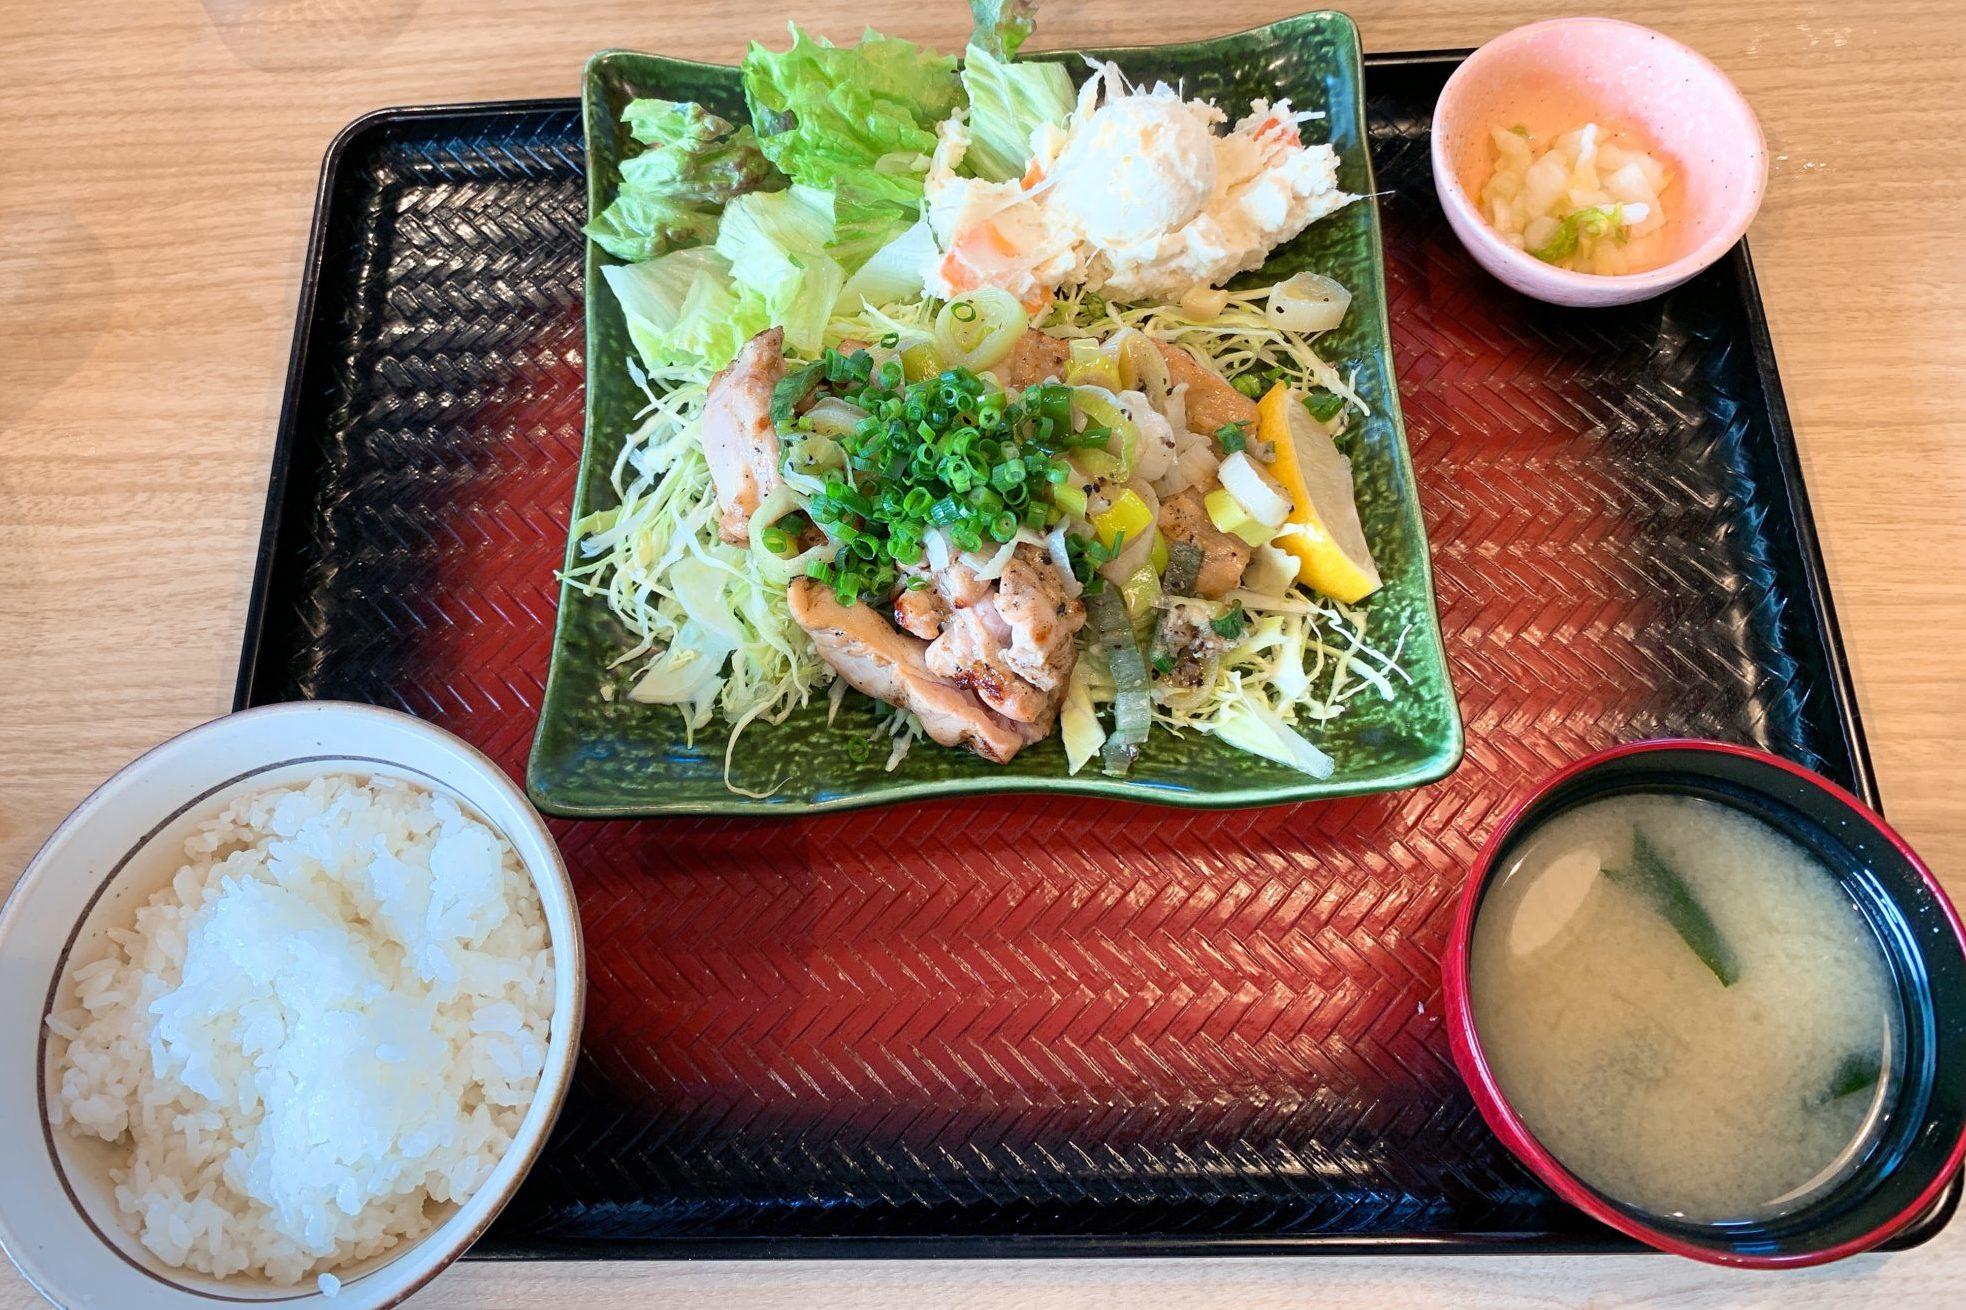 塩葱だれの炭火焼チキン定食(ご飯普通)